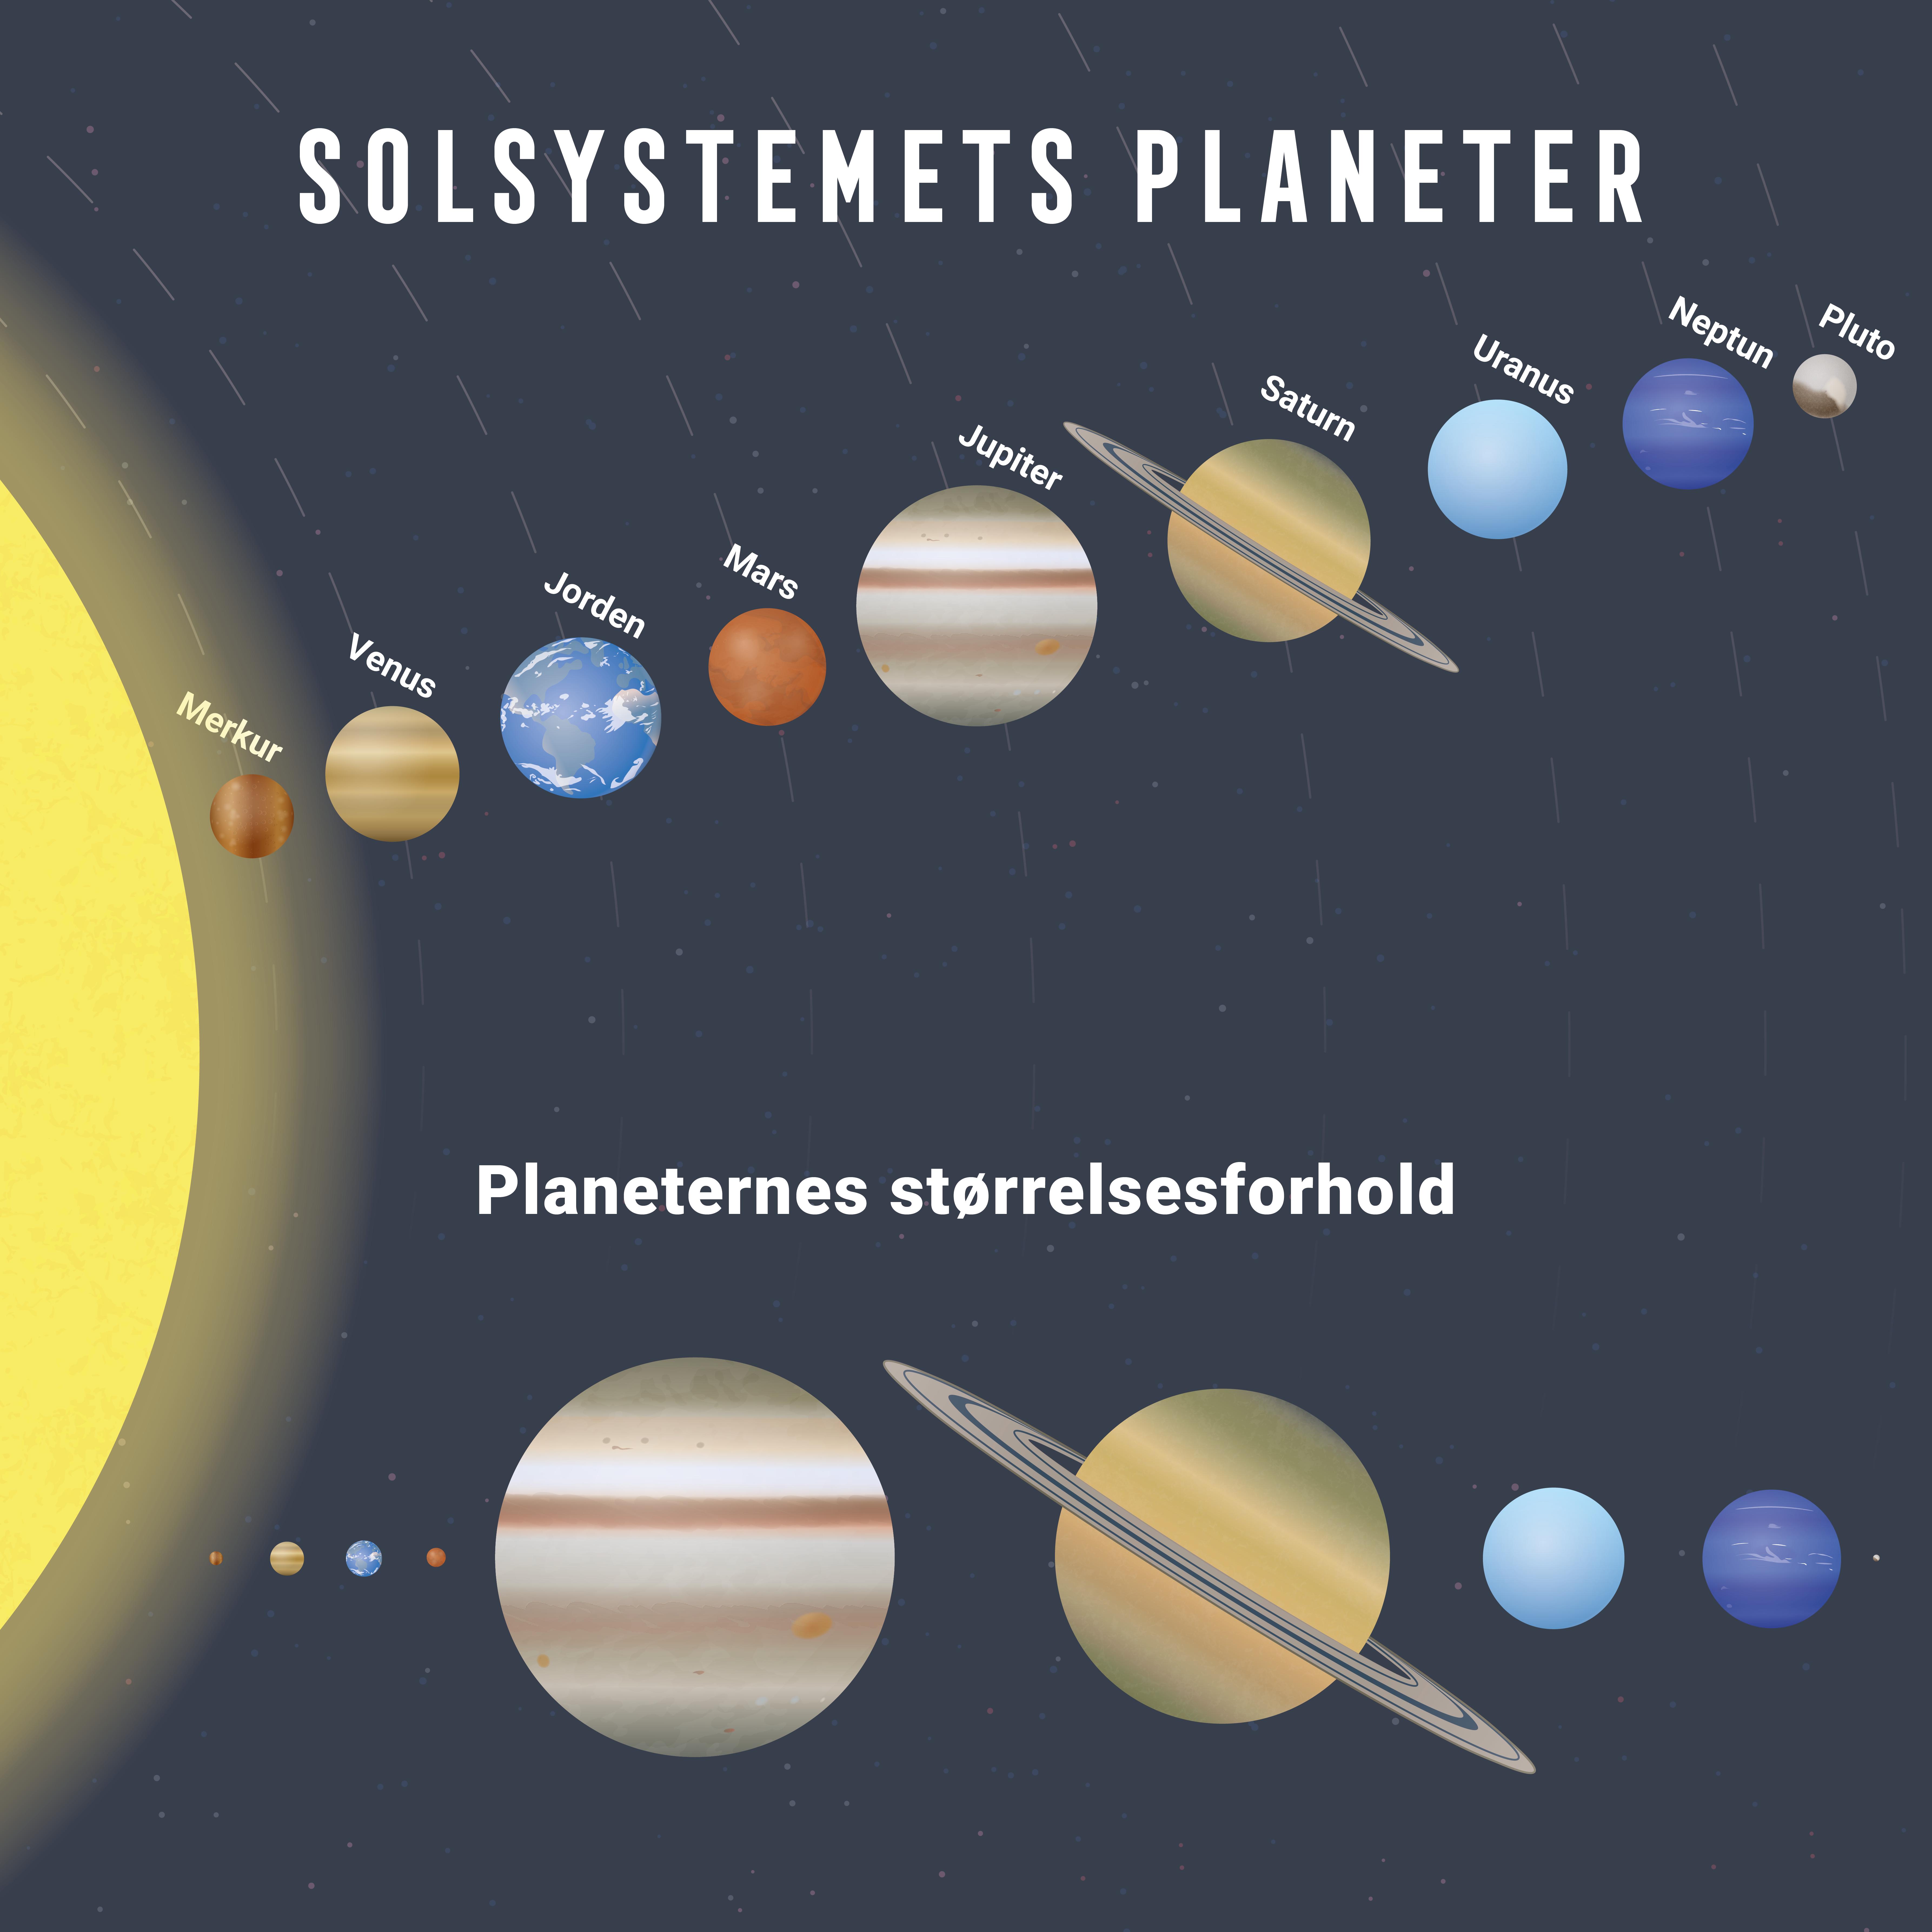 solsystemets-planeter-raekkefoelge-mutedesign